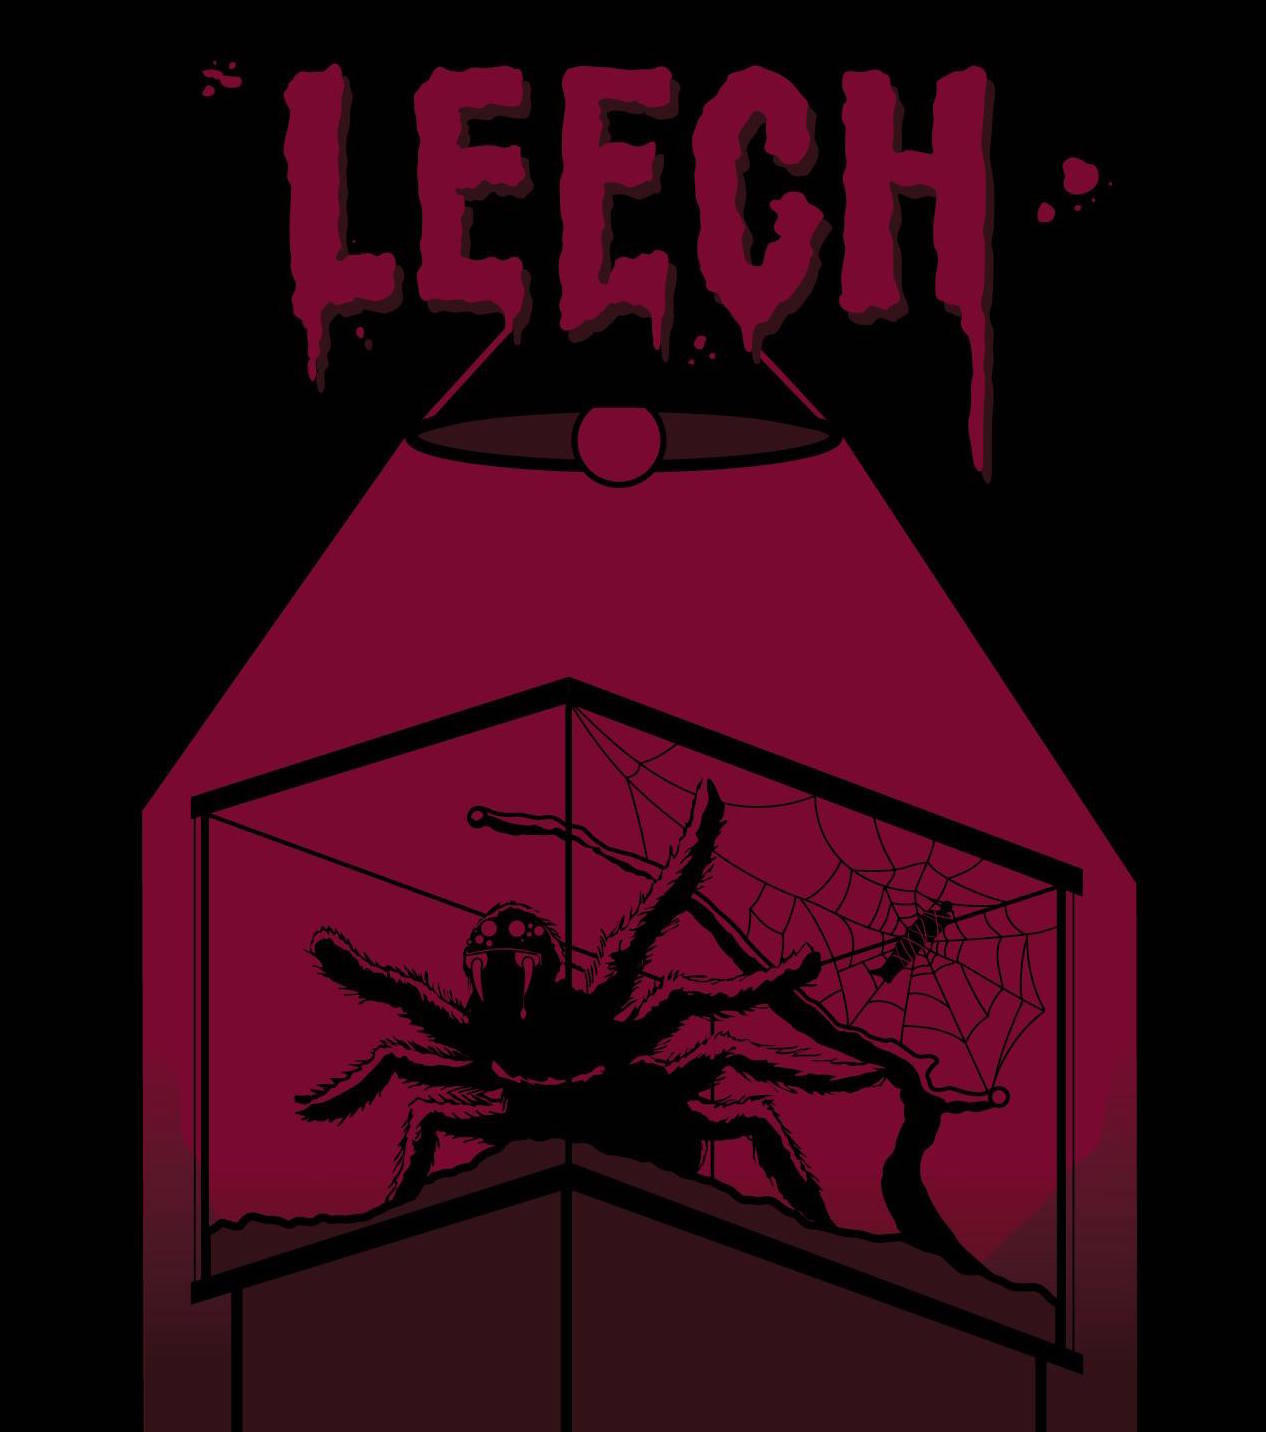 Leech - Short